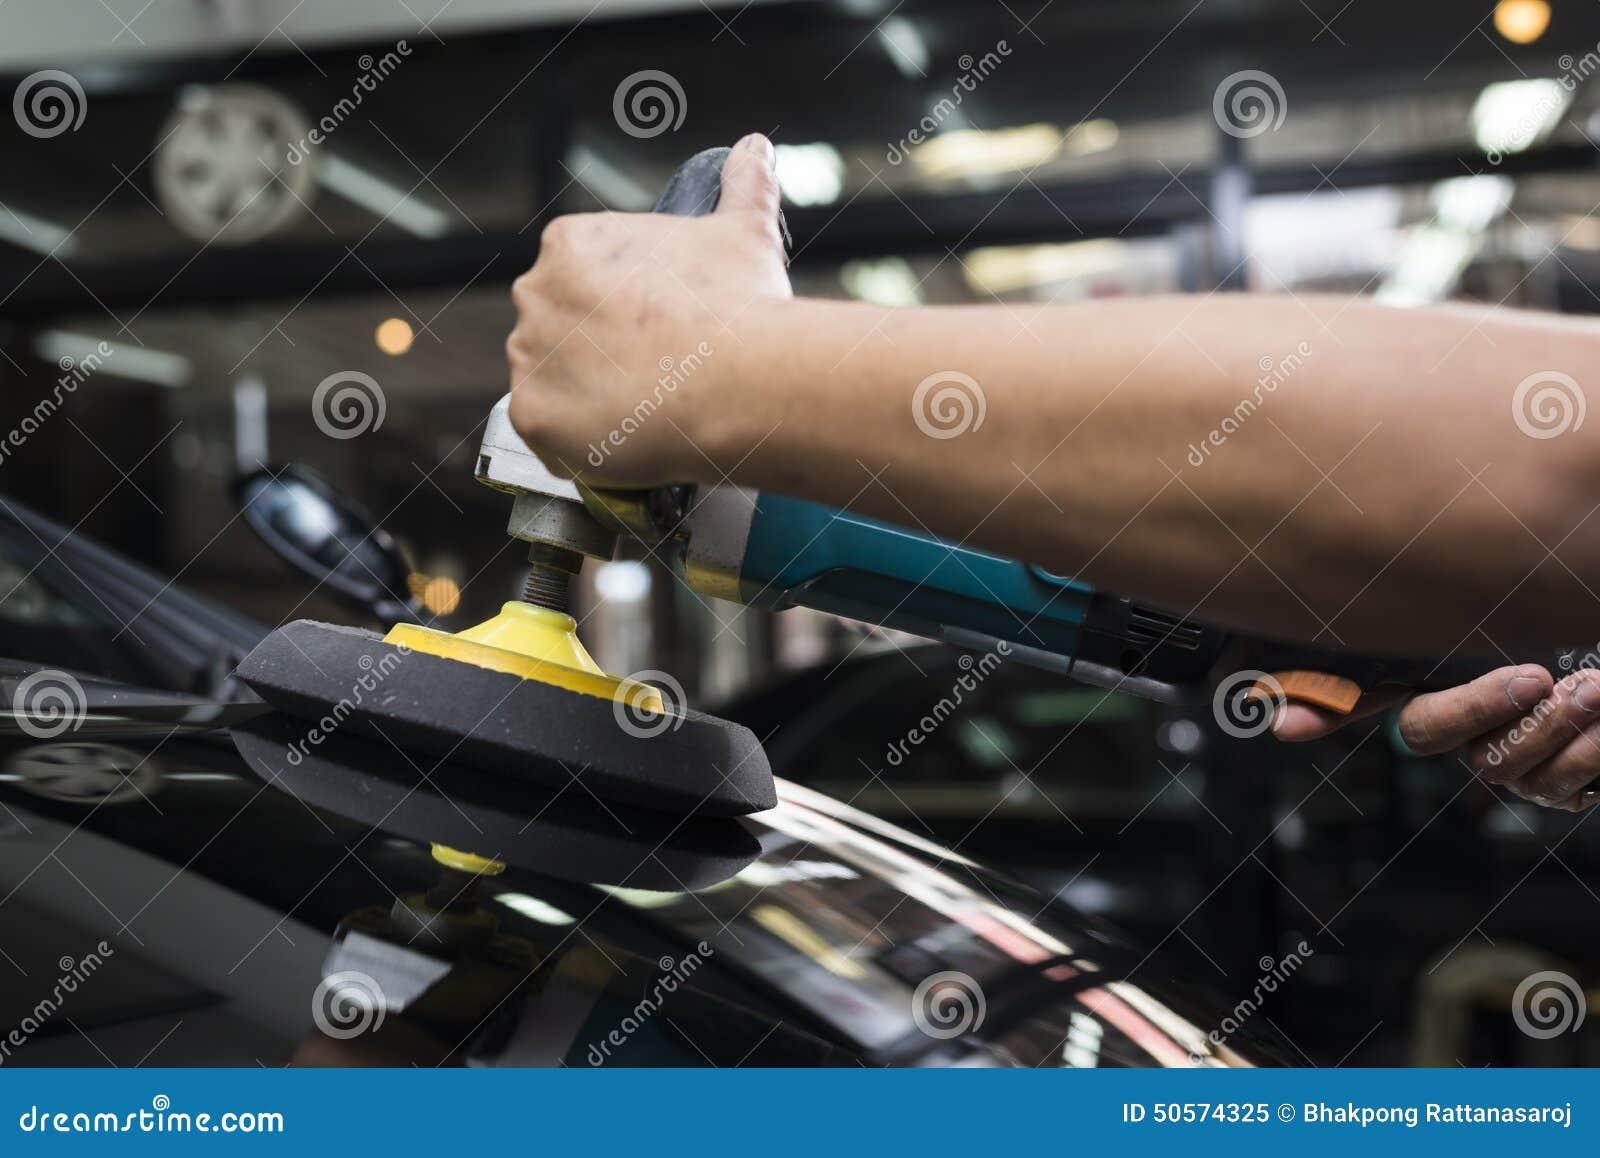 Autopolier-Reihe: Arbeitskraft, die blacke Auto einwächst